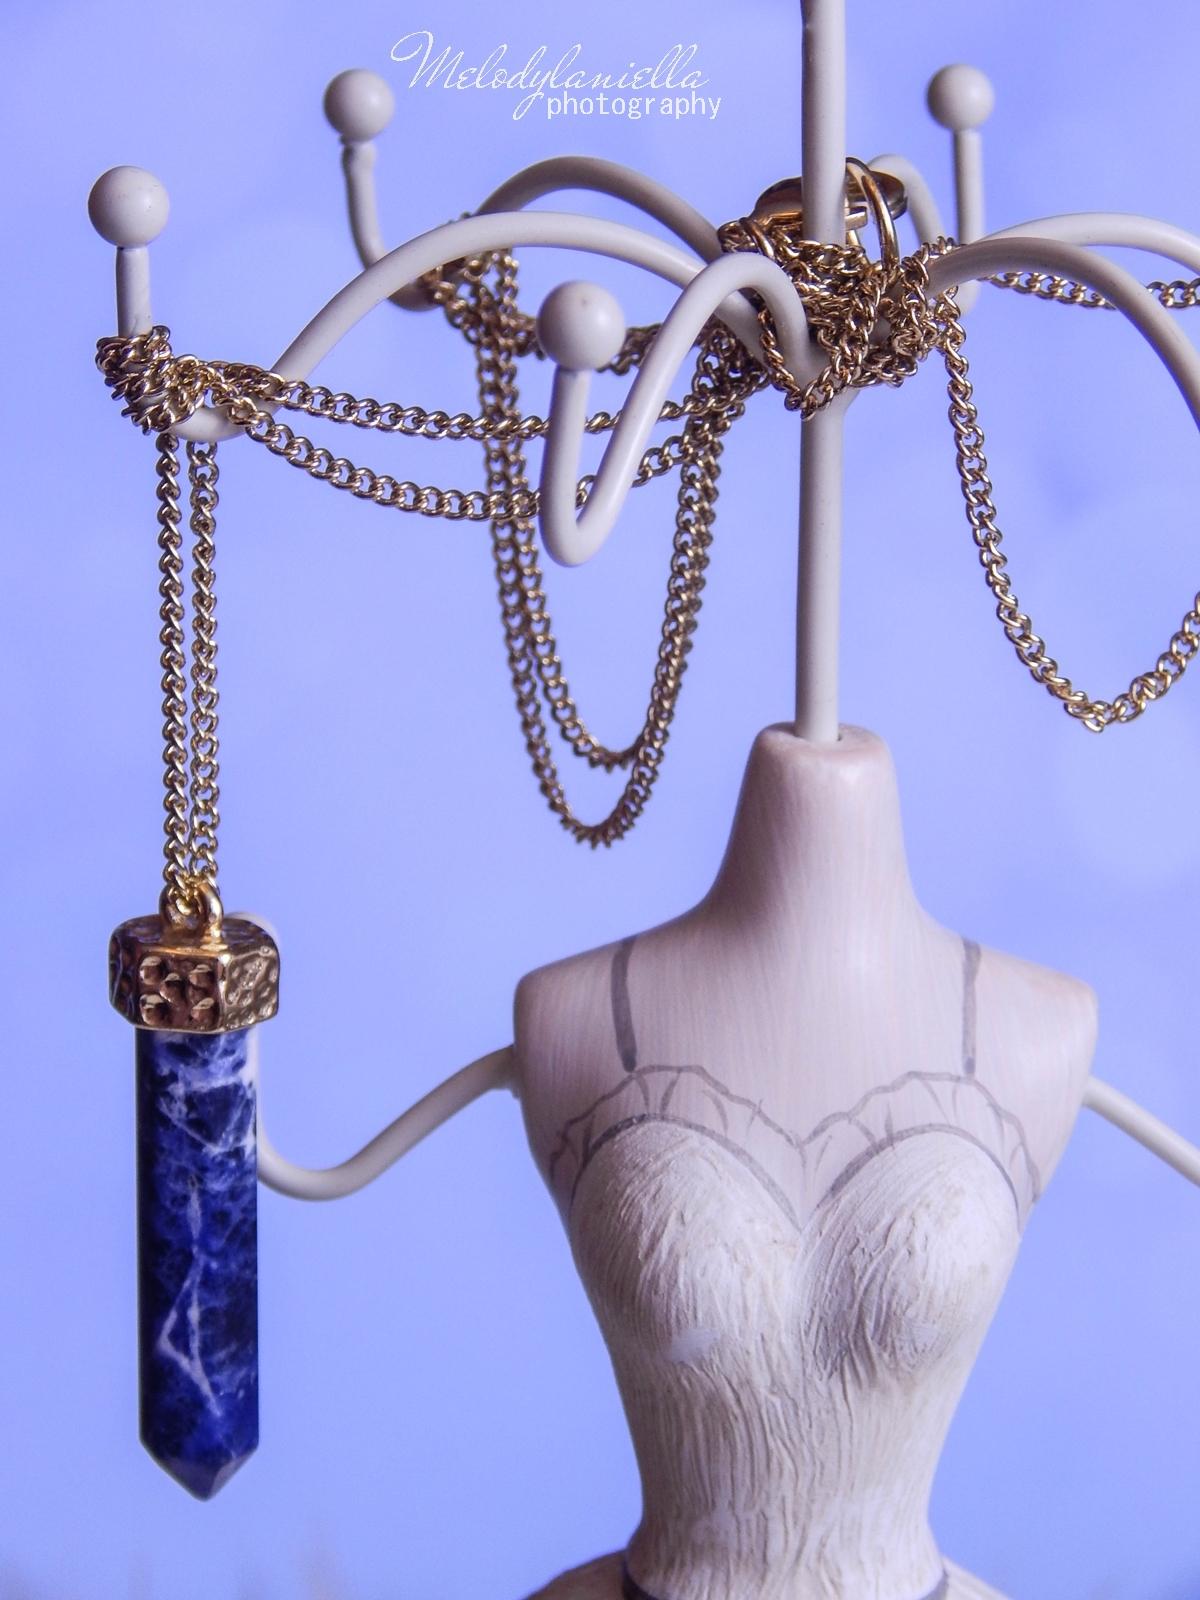 3 Biżuteria z chińskich sklepów sammydress kolczyk nausznica naszyjnik wisiorki z kryształkiem świąteczna biżuteria ciekawe dodatki stylowe zegarki pióra choker chokery złoty srebrny złoto srebro obelisk